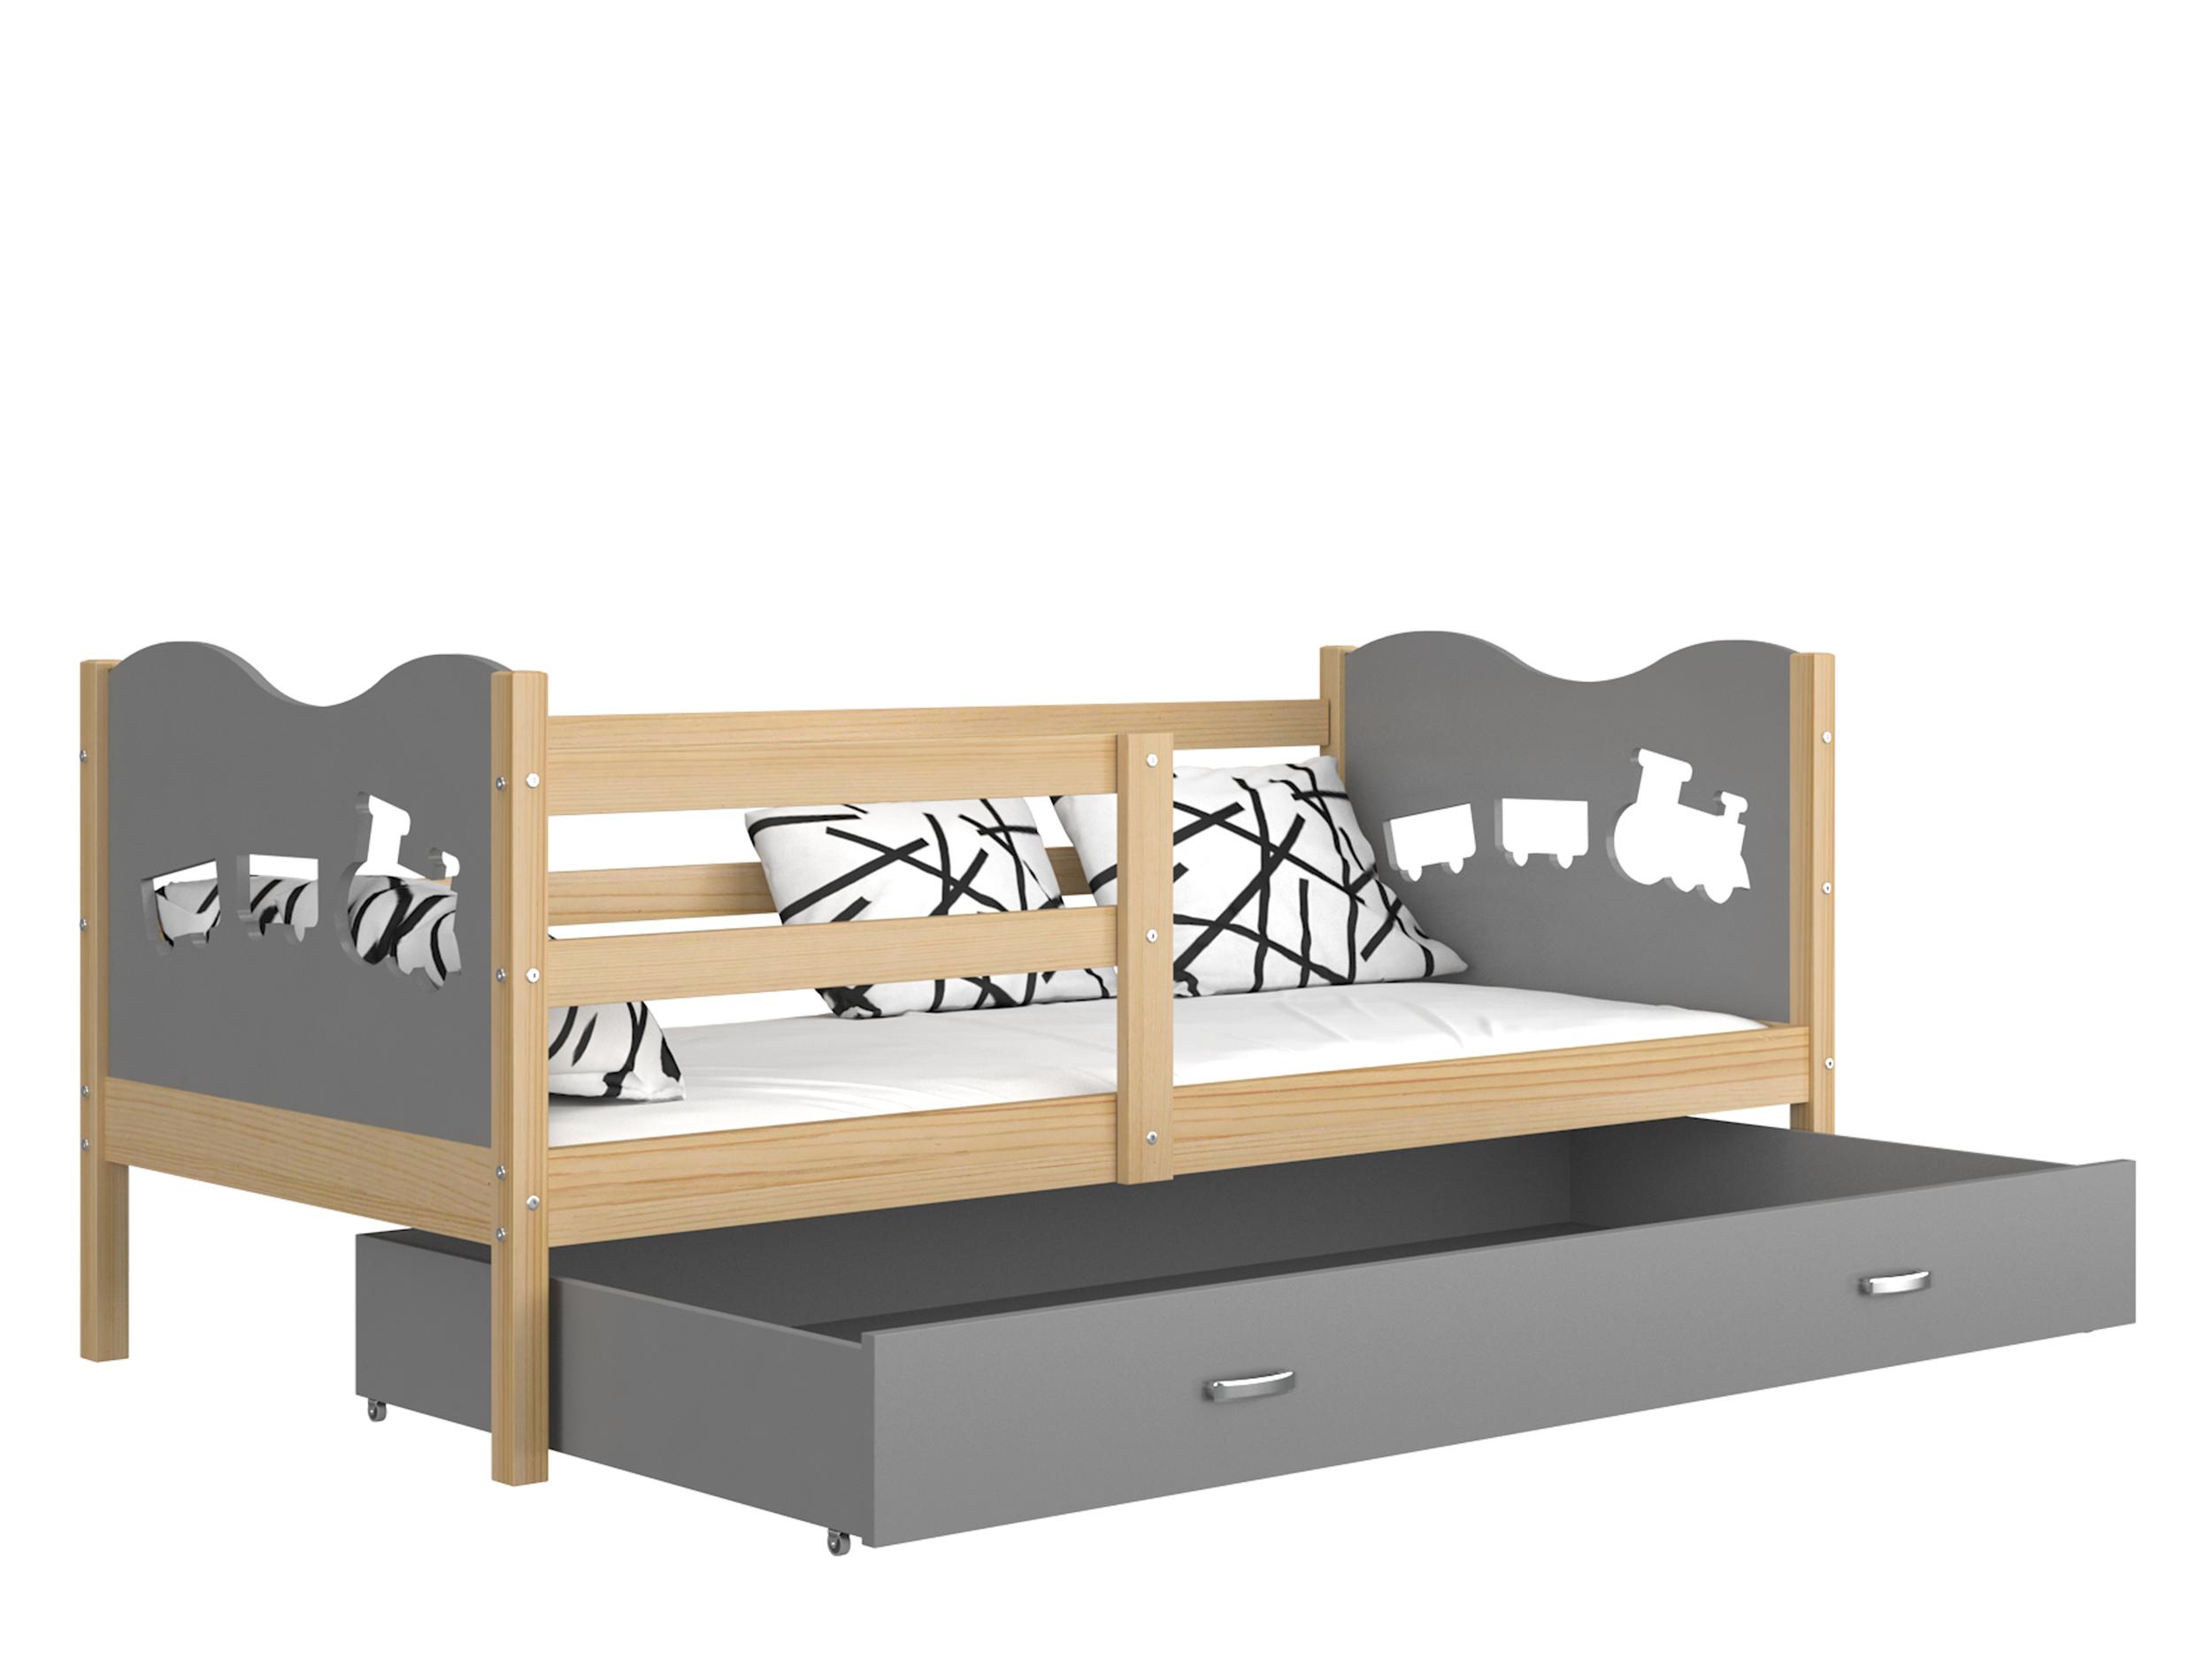 ArtAJ Detská posteľ MAX P drevo / MDF 160 x 80 cm Farba: Borovica / sivá 160 x 80 cm, s matracom